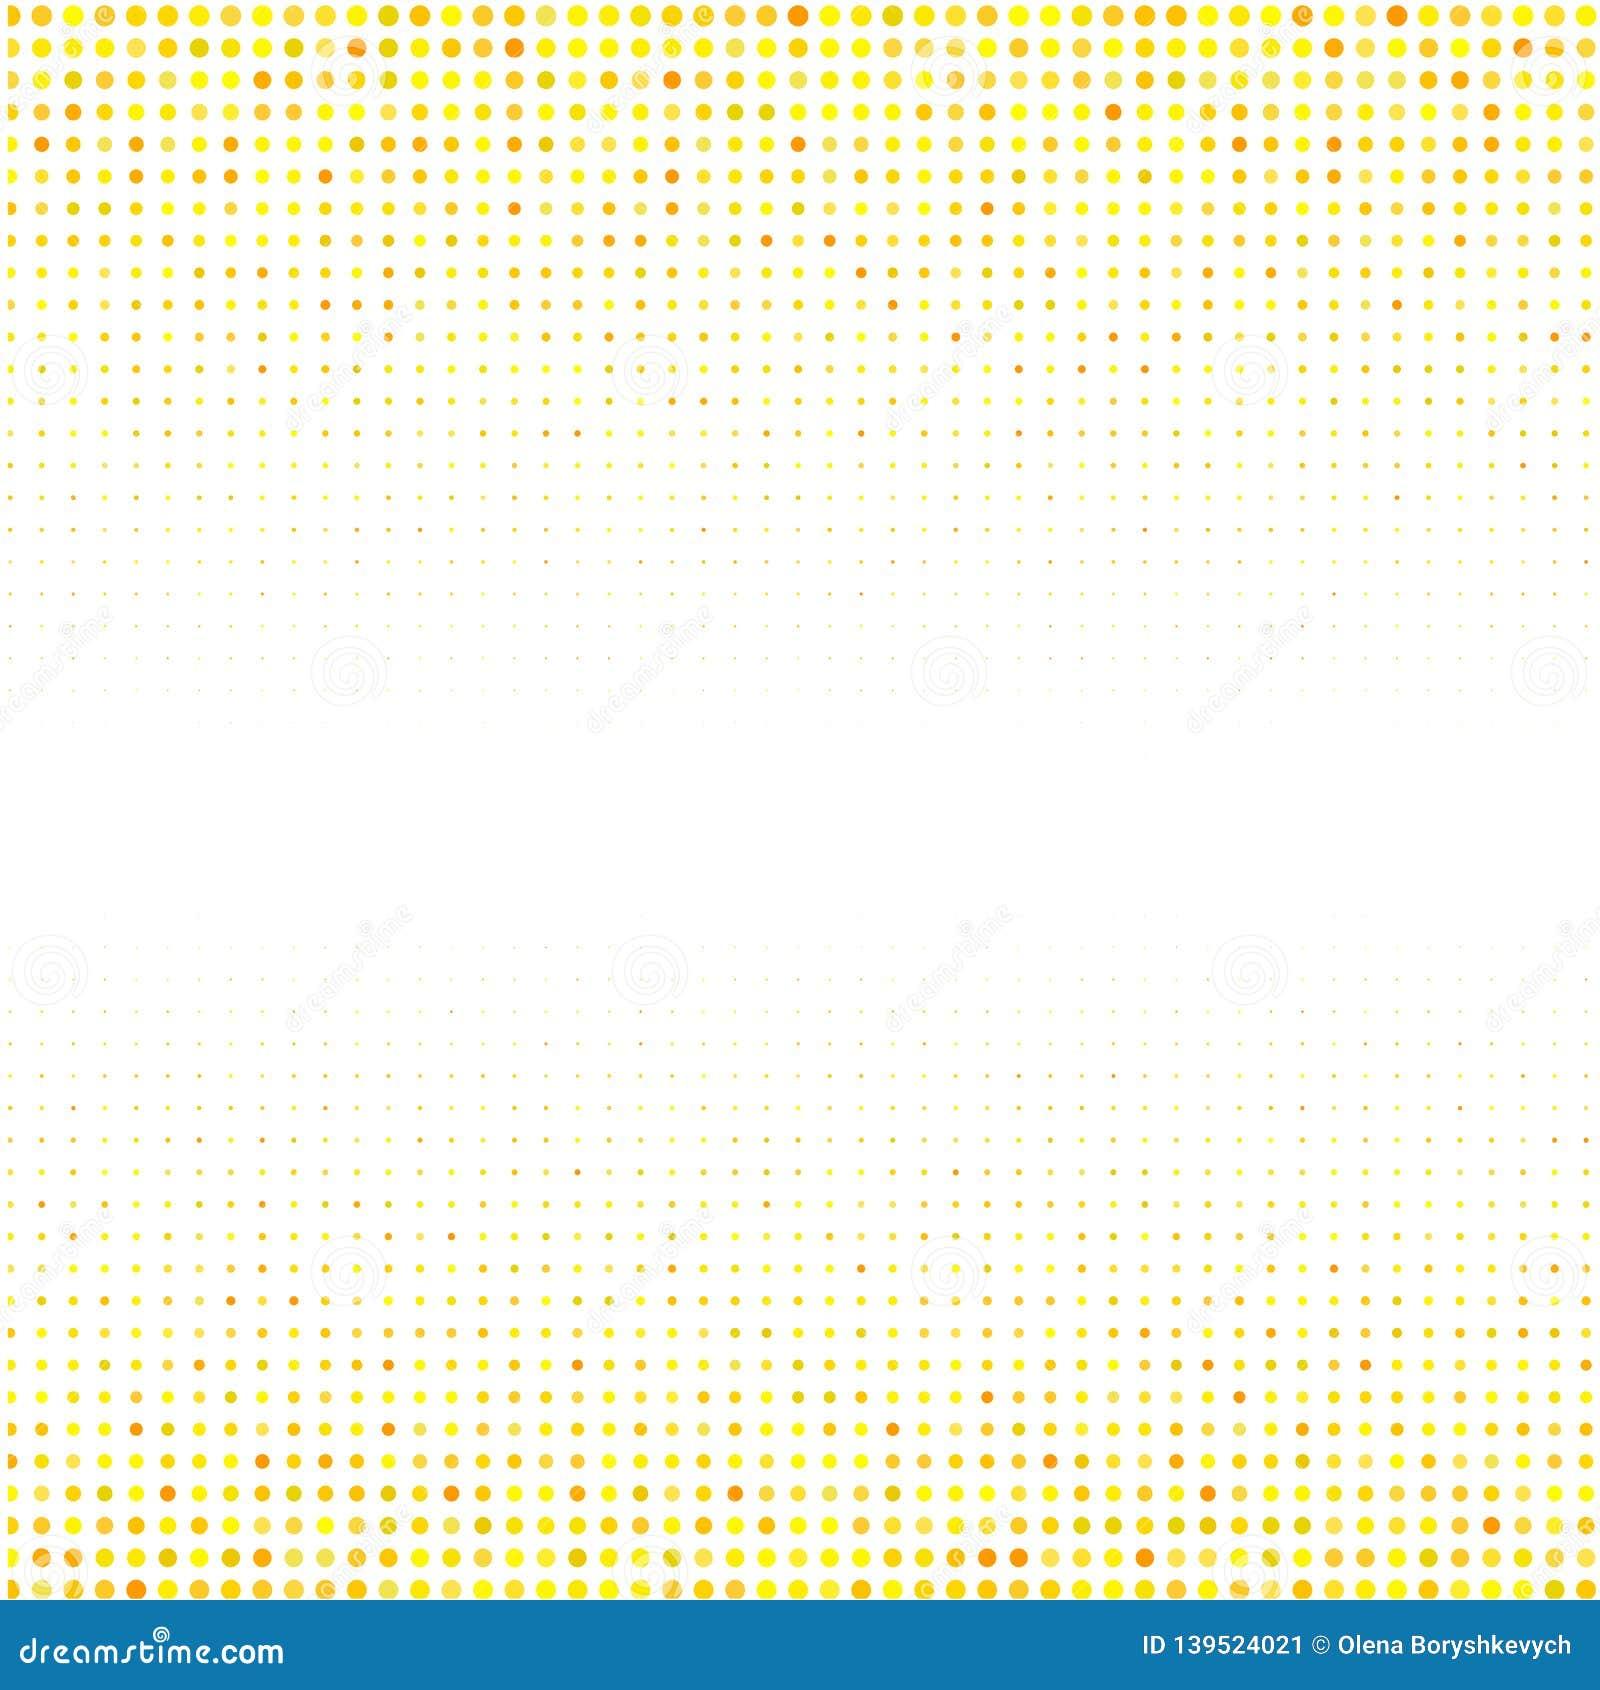 El ornamento geométrico de puntos amarillos en el fondo blanco